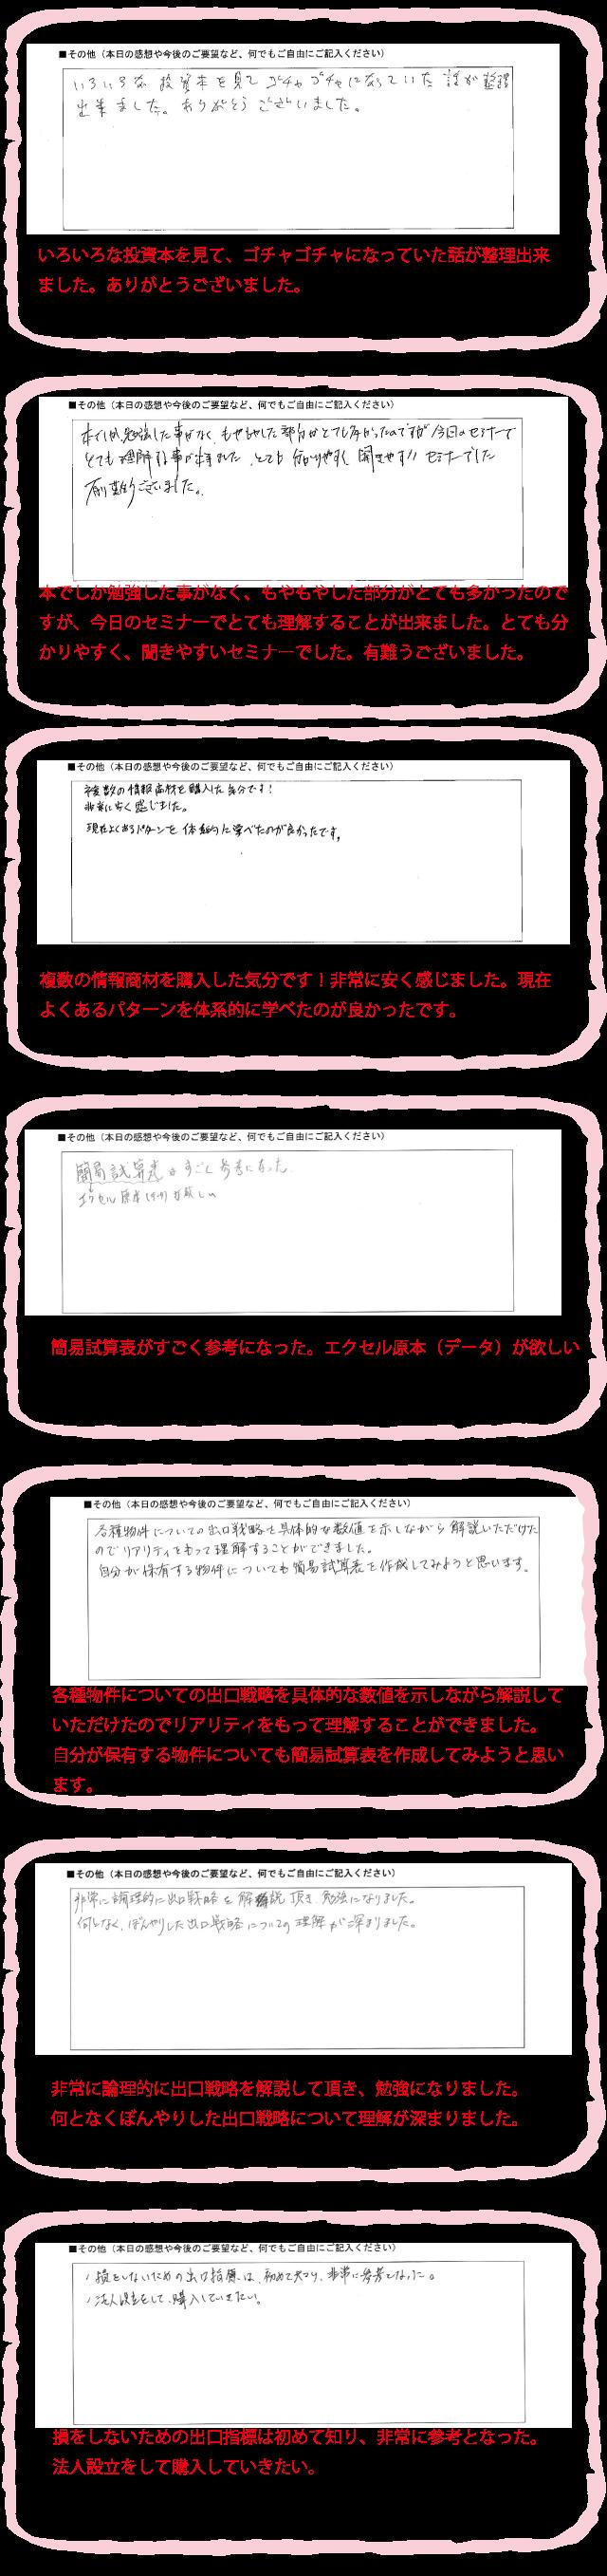 questionnaire002.png